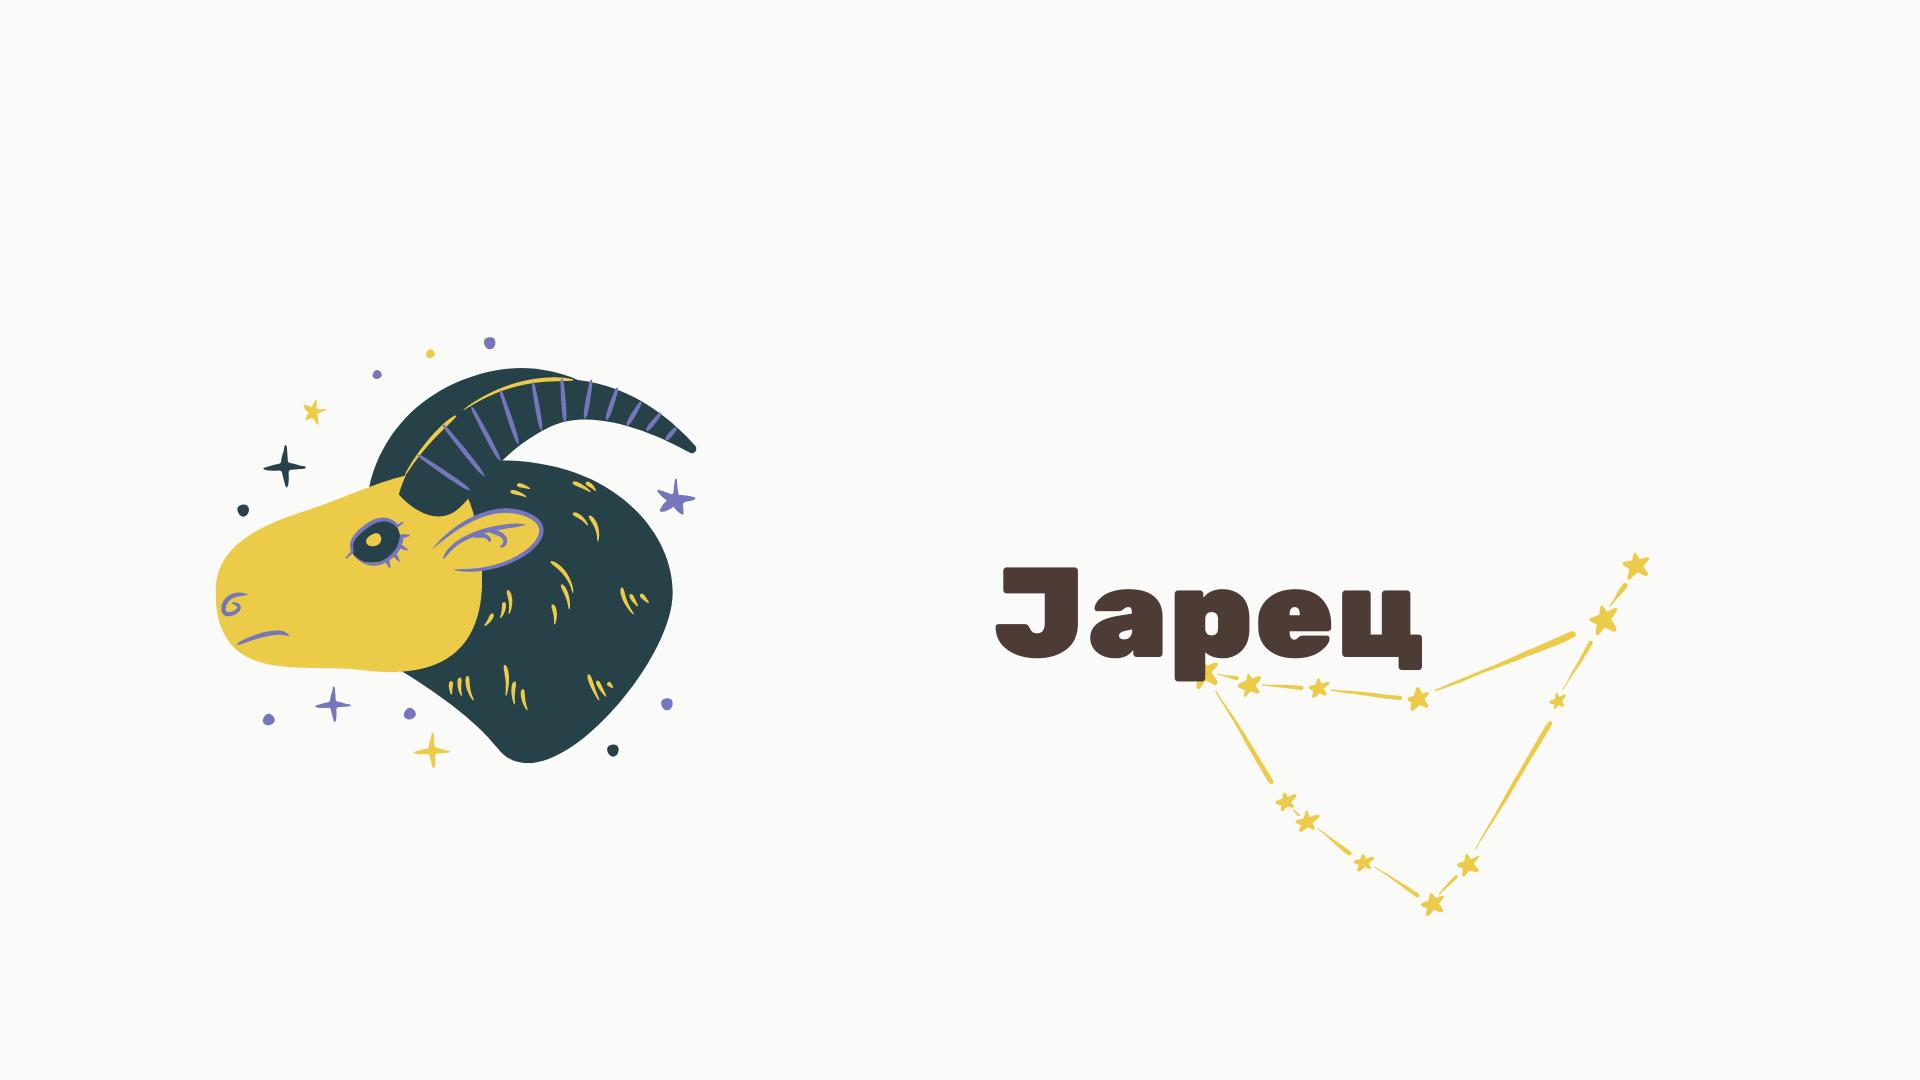 Месечен хороскоп за август 2021: Јарец